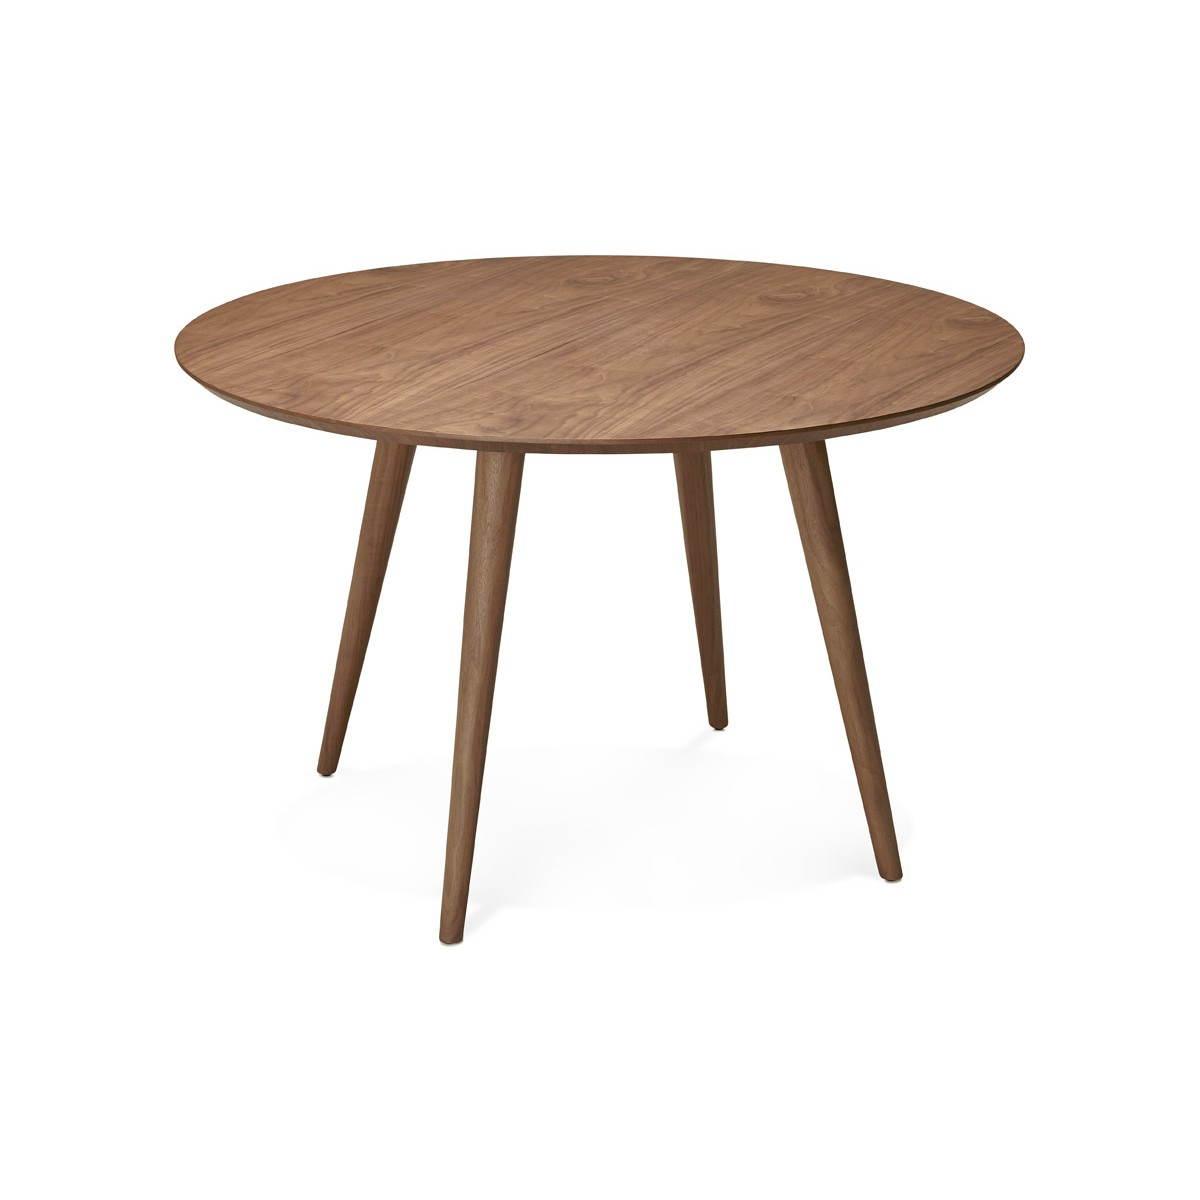 table de repas ronde vintage style scandinave sofia en bois o 120 cm finition noyer amp story 3994